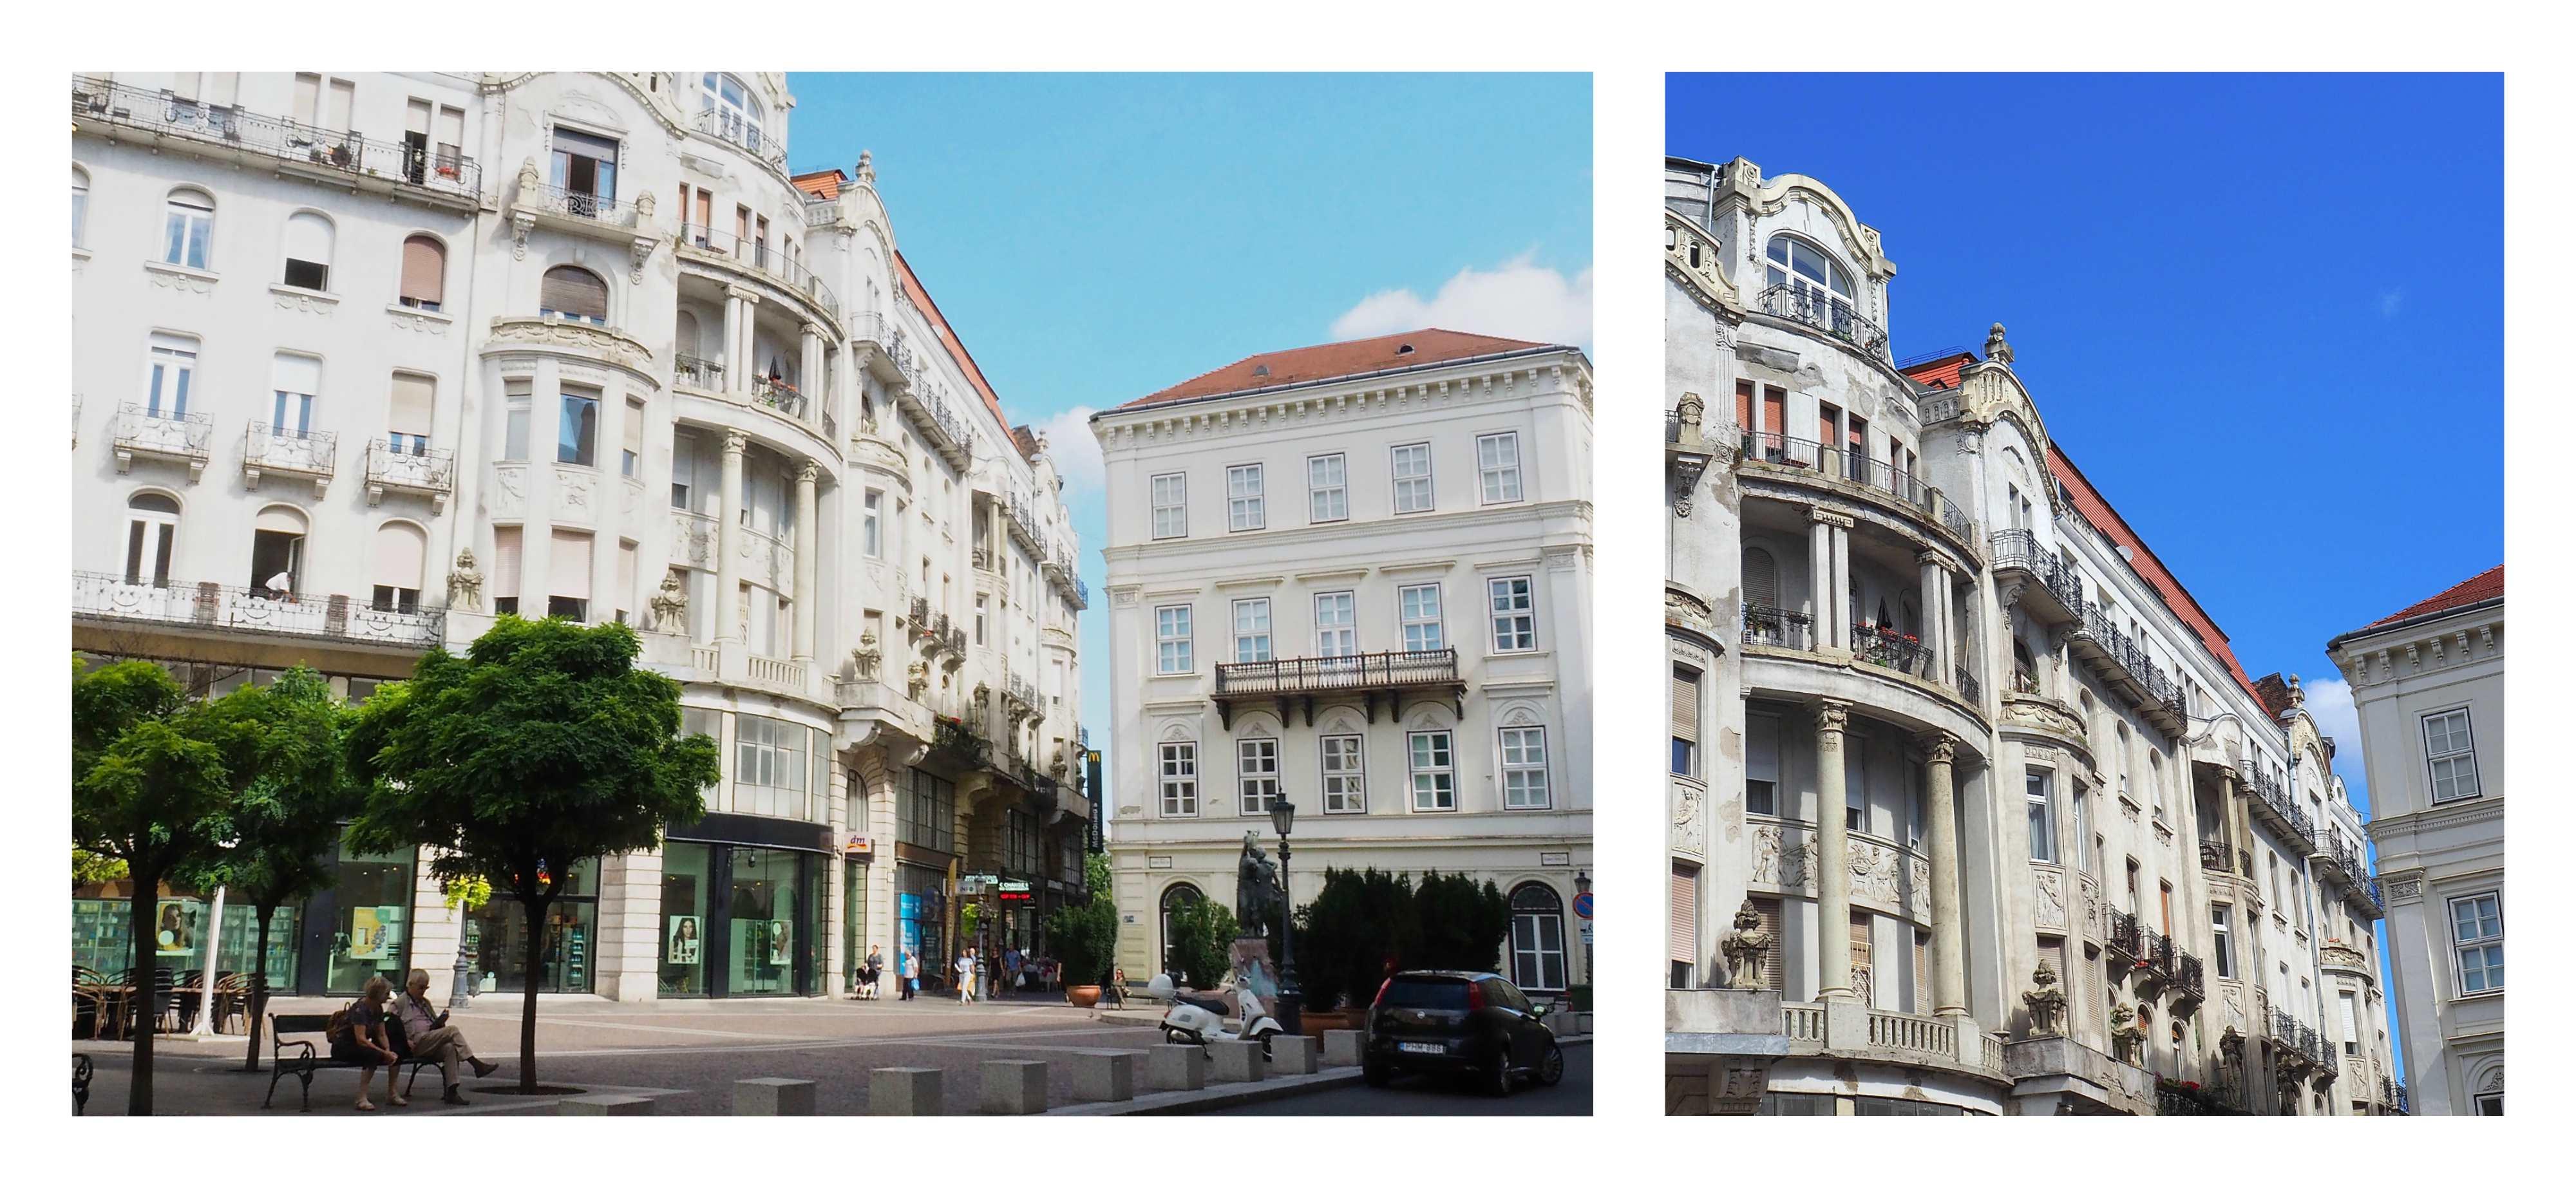 Visite de Budapest en famille, itinéraire sur 5 jours - Quartier Belvaros - notre appartement